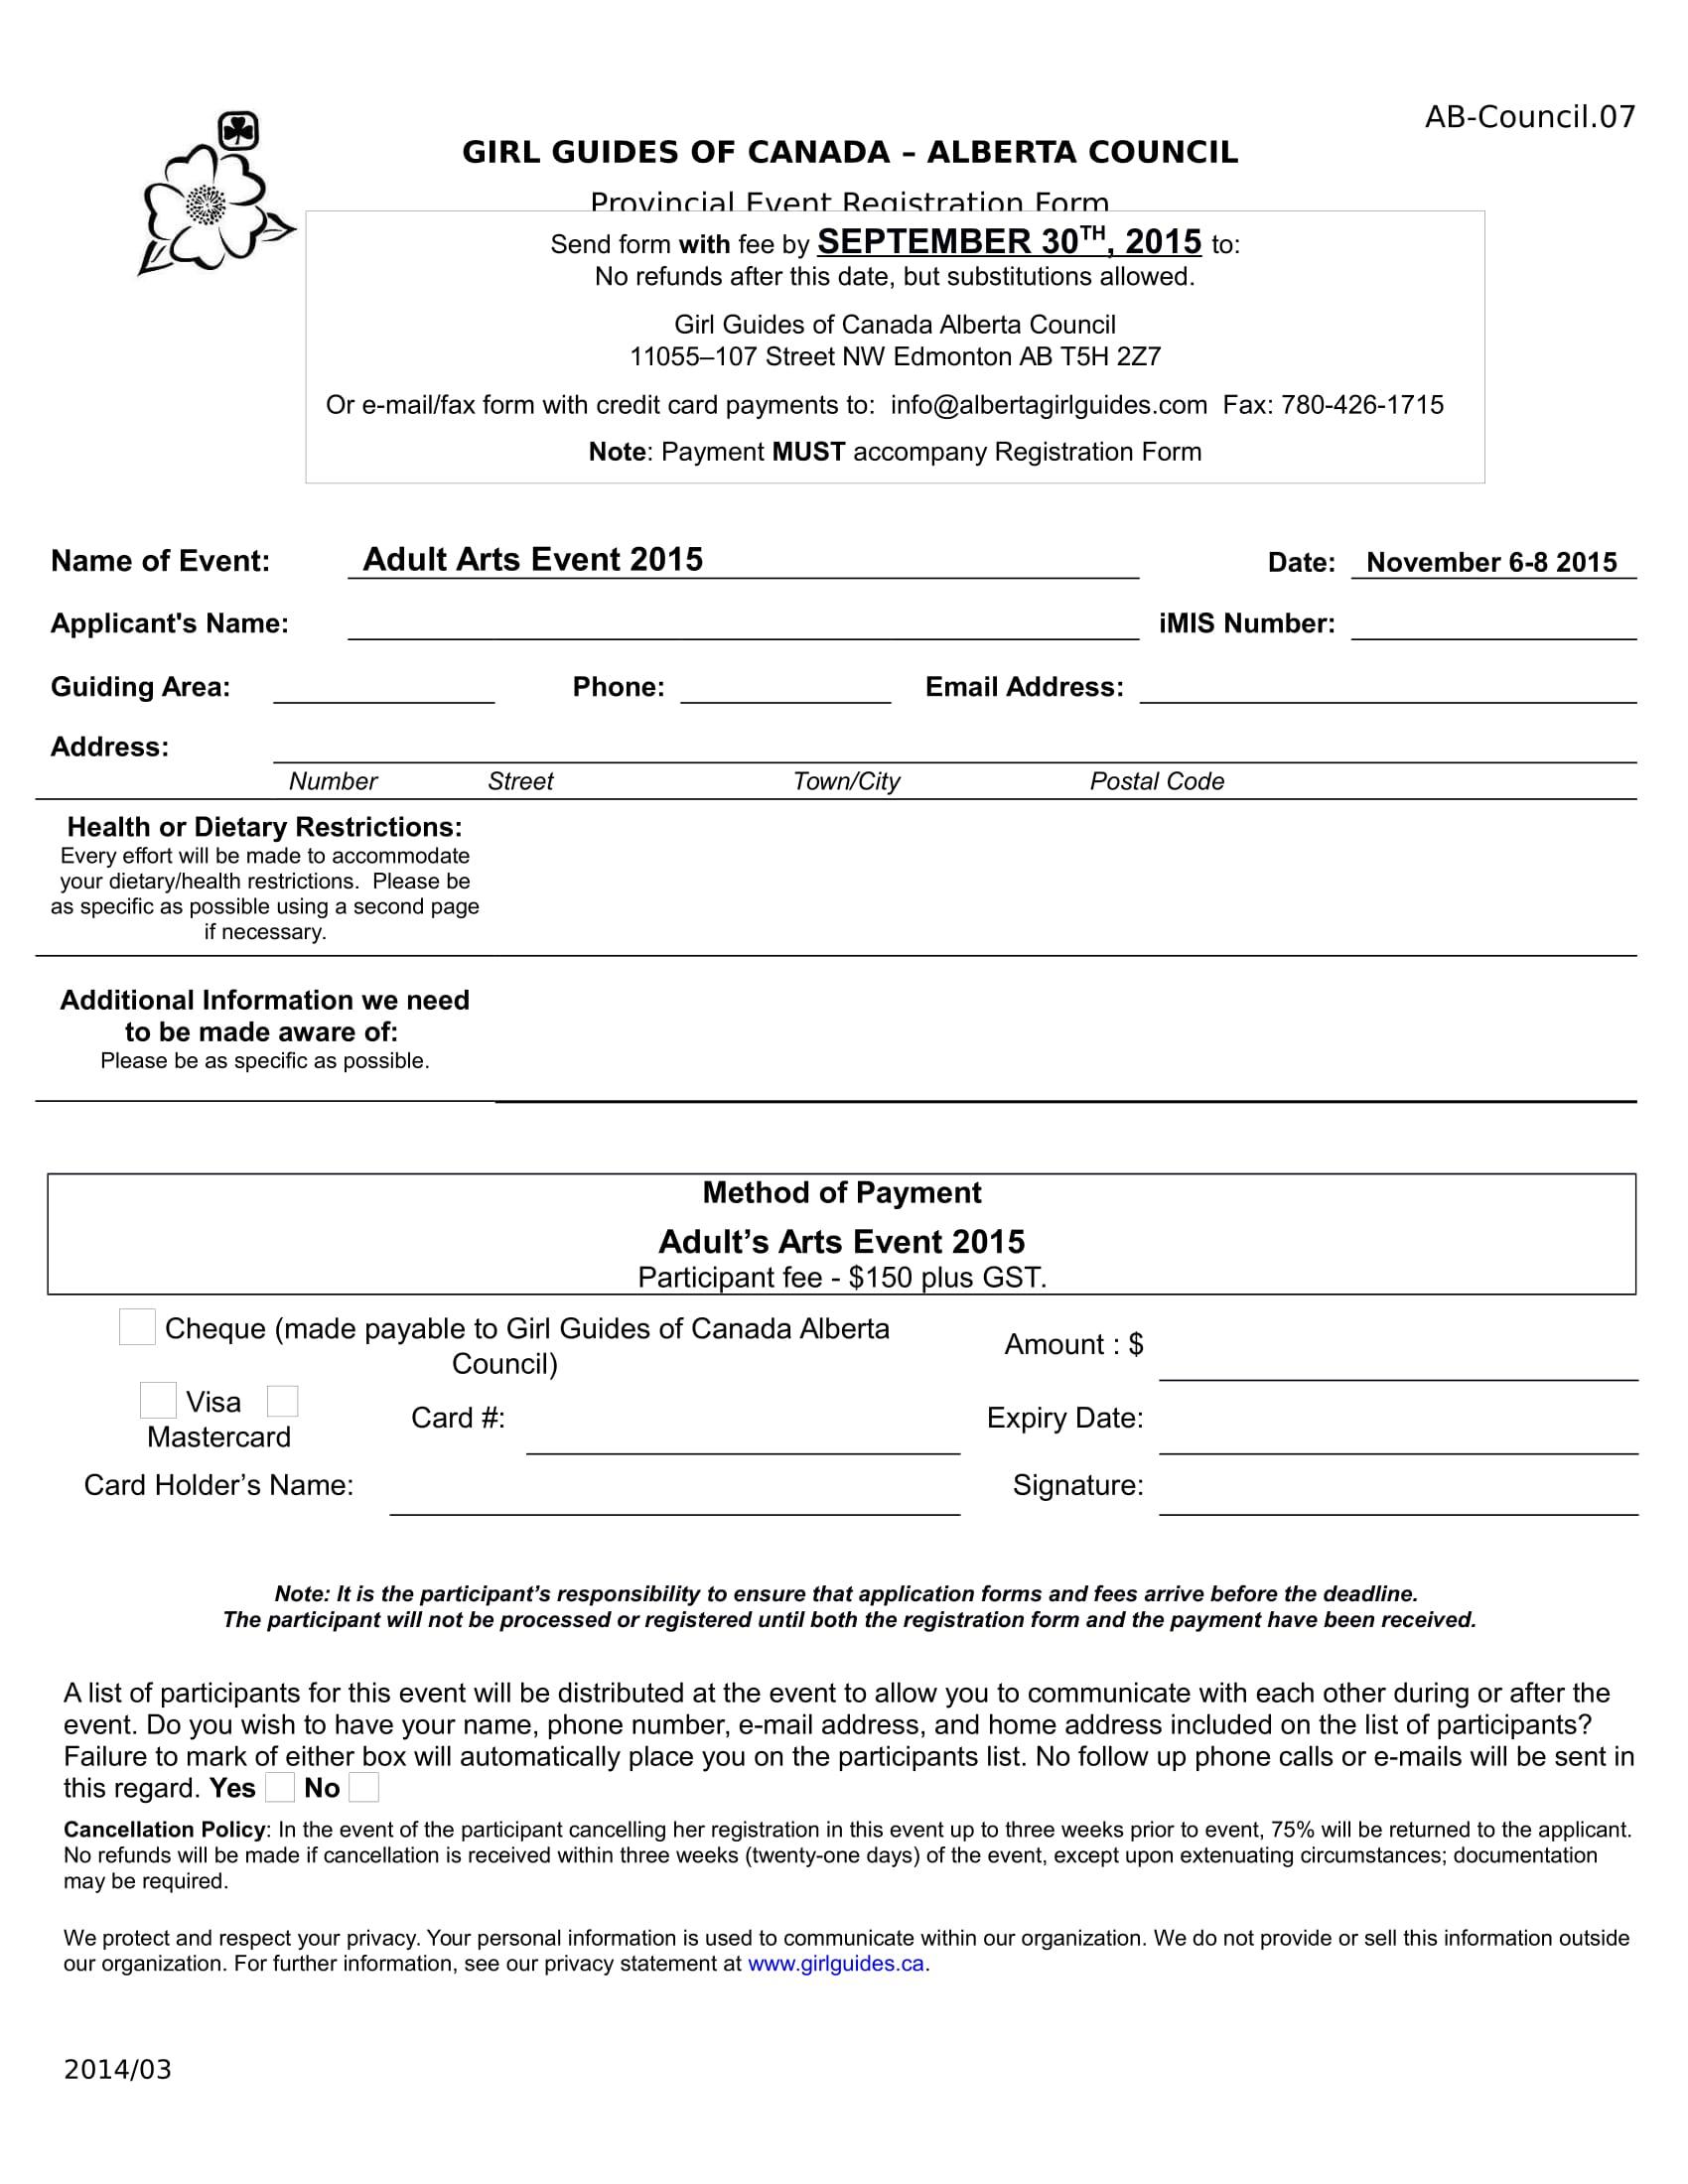 adult arts event registration form